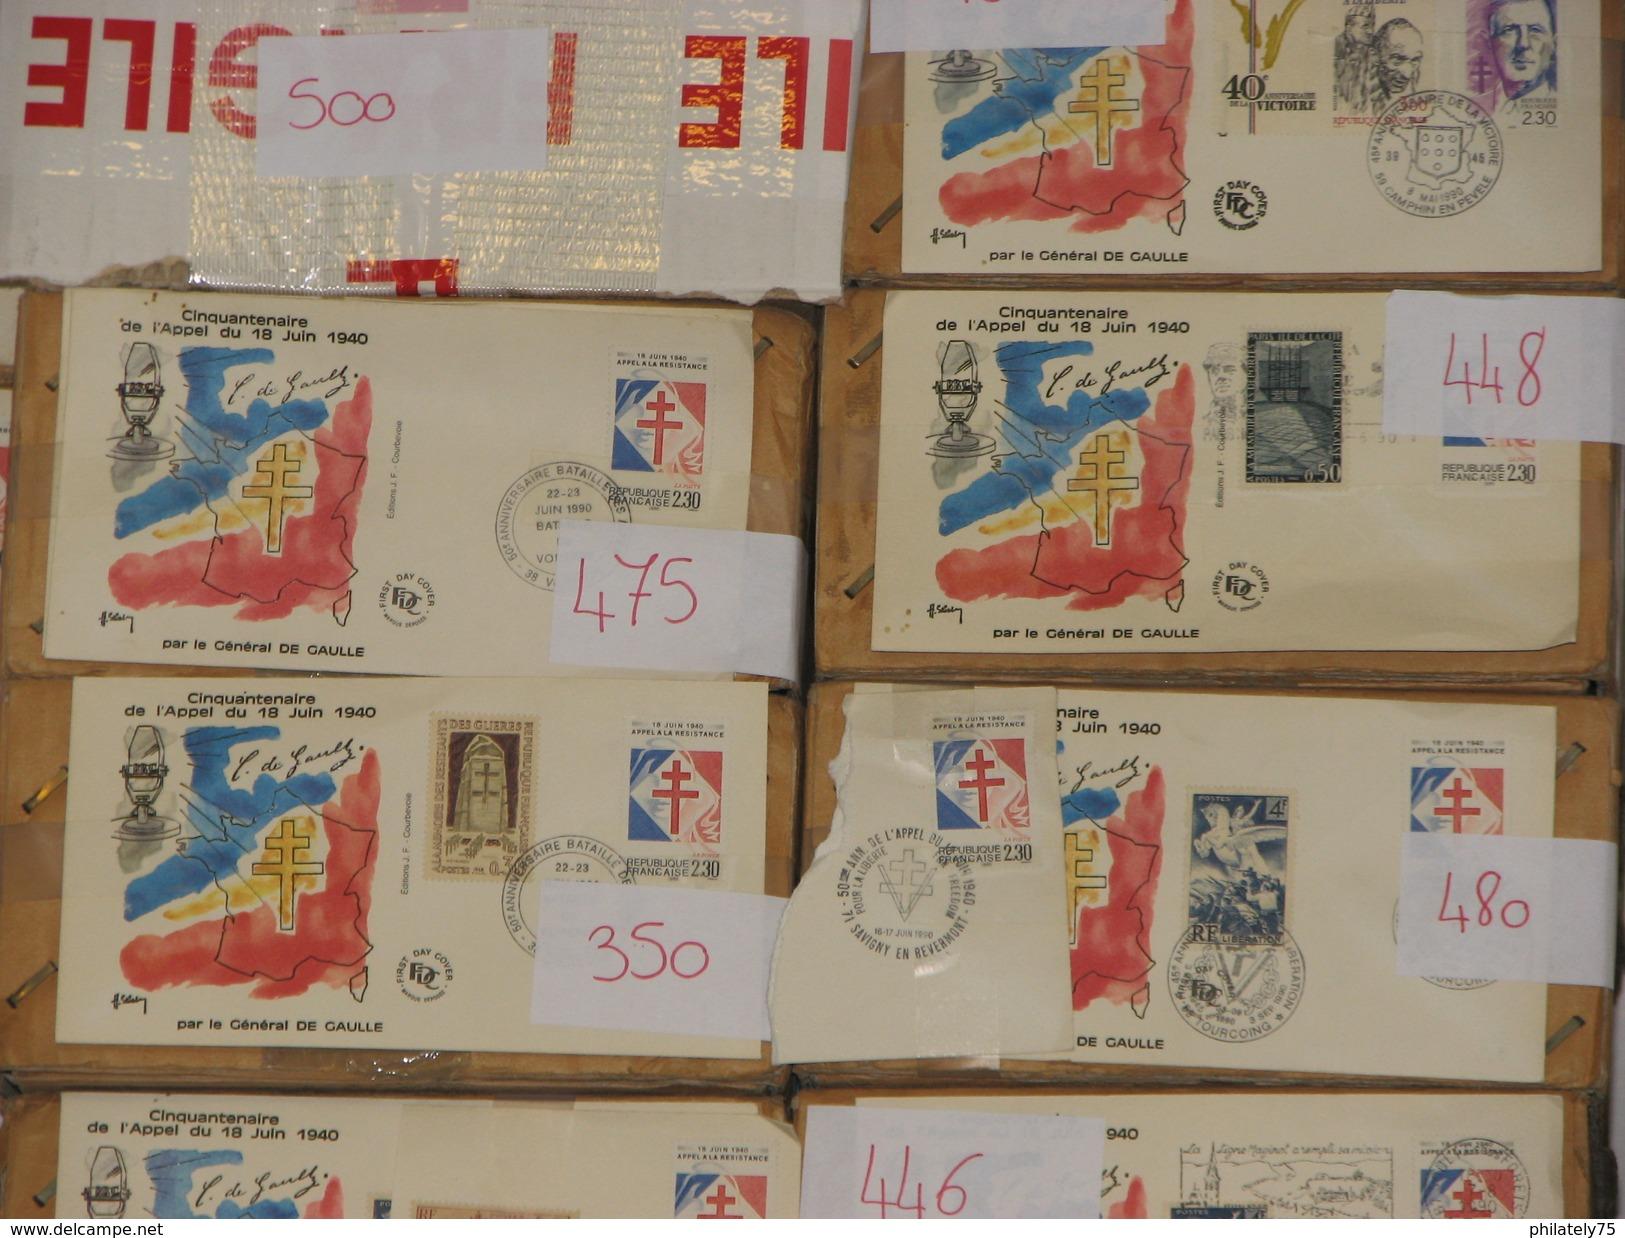 LIQUIDATION DE STOCKS AVANT FERMETURE. 50.000 FDC ET ENVELOPPES COMMEMORATIVES FRANCE 1990 DE GAULLE ET APPEL JUIN 1940 - FDC